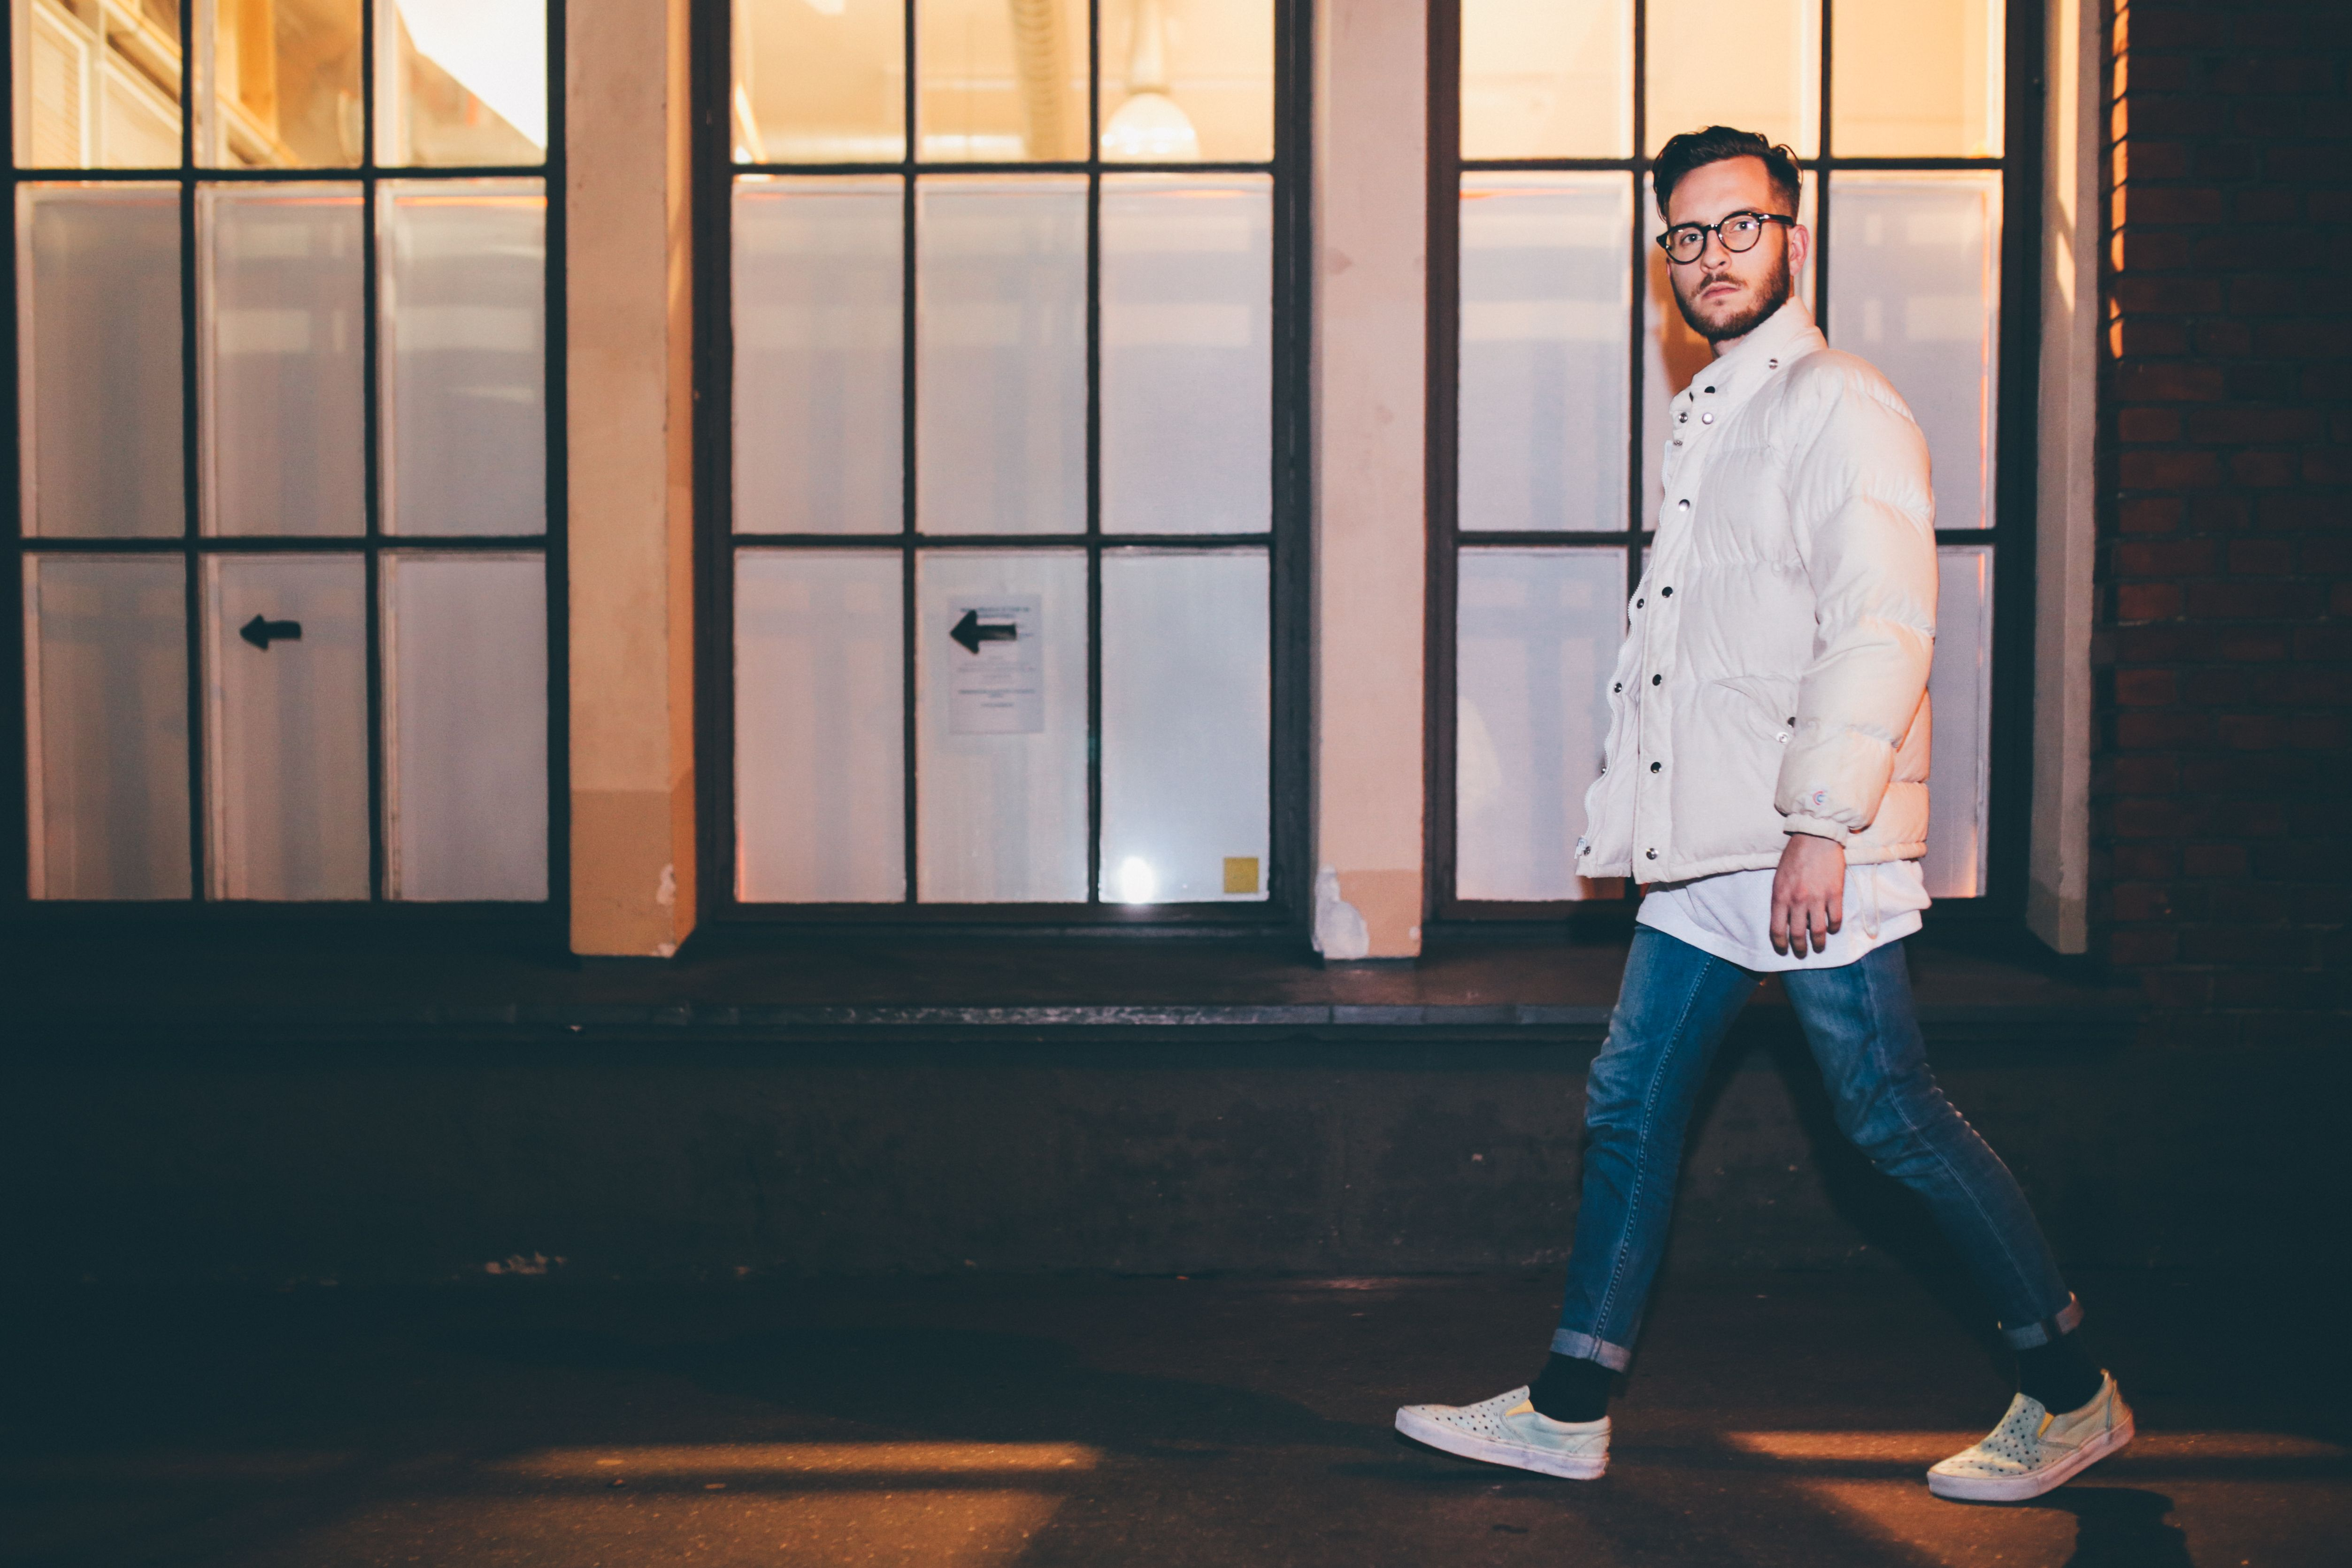 OOTD - Men's Wear - Street Wear - Men's Style #streetstyle #men #style